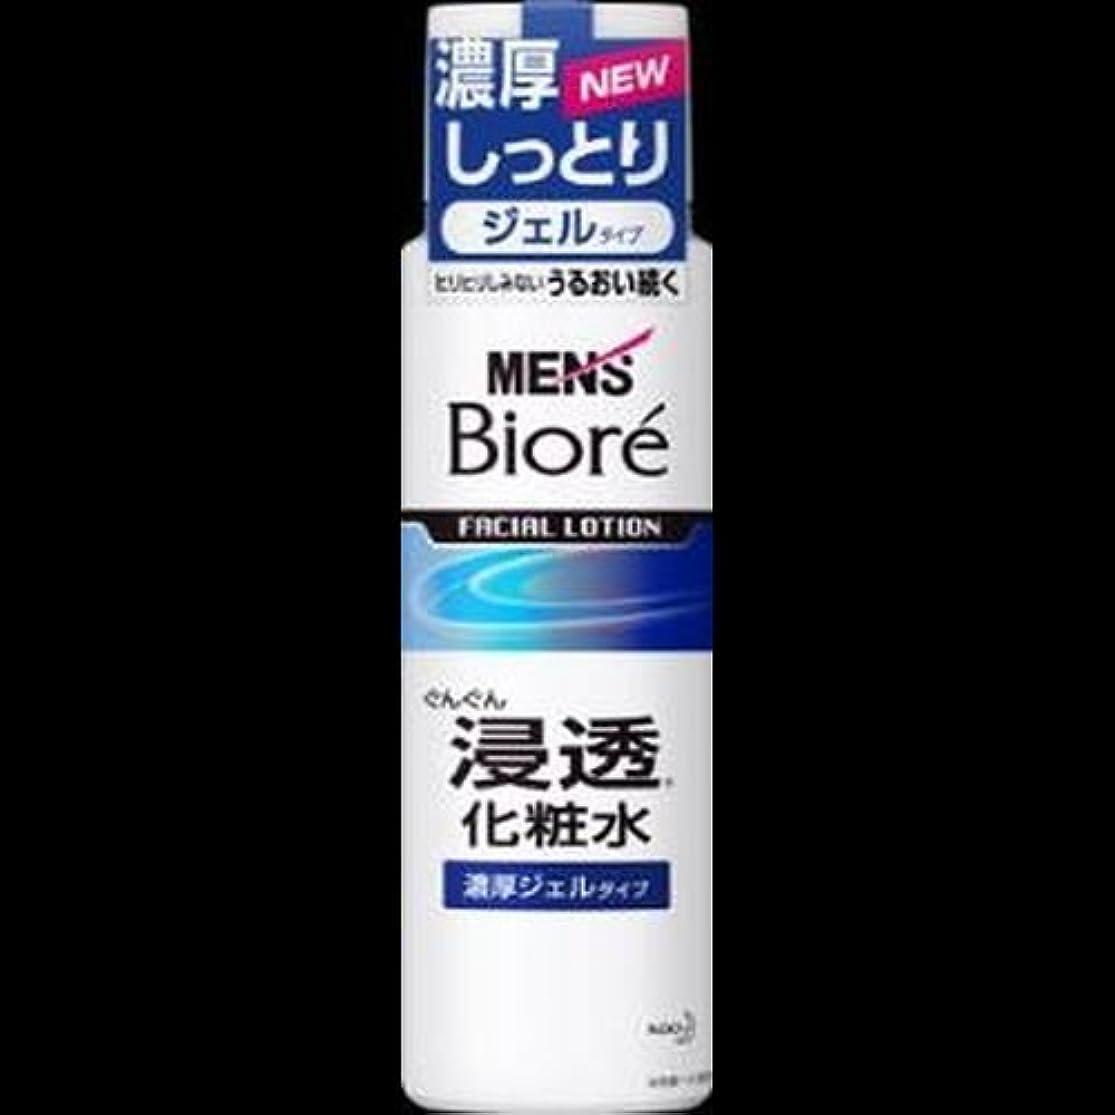 公平な千落とし穴【まとめ買い】メンズビオレ 浸透化粧水 濃厚ジェルタイプ ×2セット